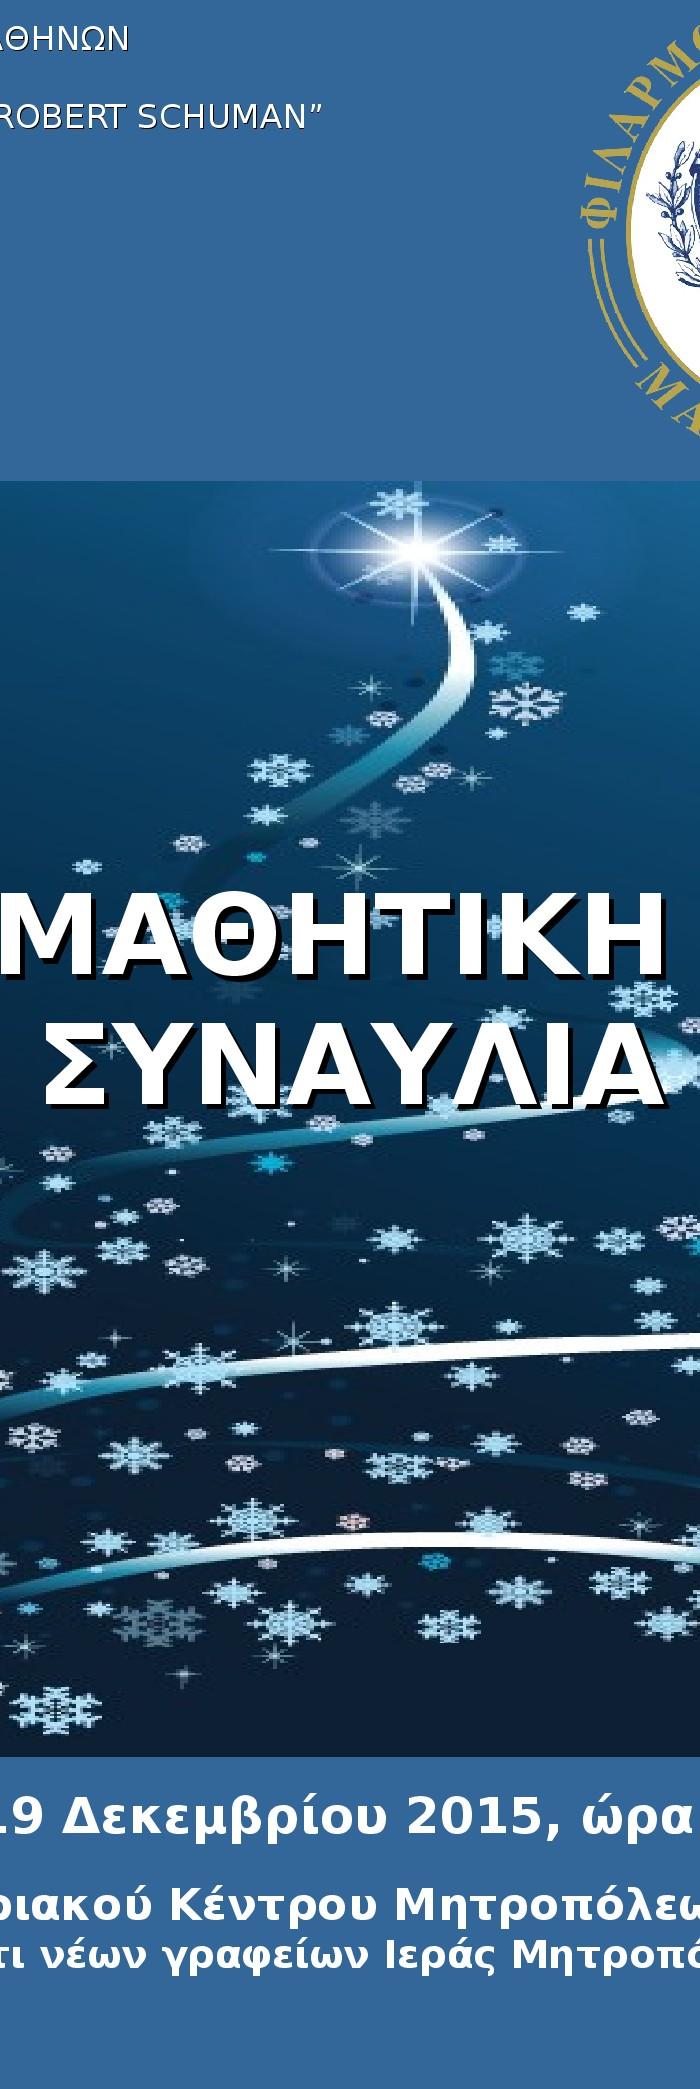 ΑΦΙΣΑ-ΣΥΝΑΥΛΙΑΣ-ΜΑΘΗΤΙΚΗΣ-ΔΕΚΕΜΒΡΙΟΥ-2015_2